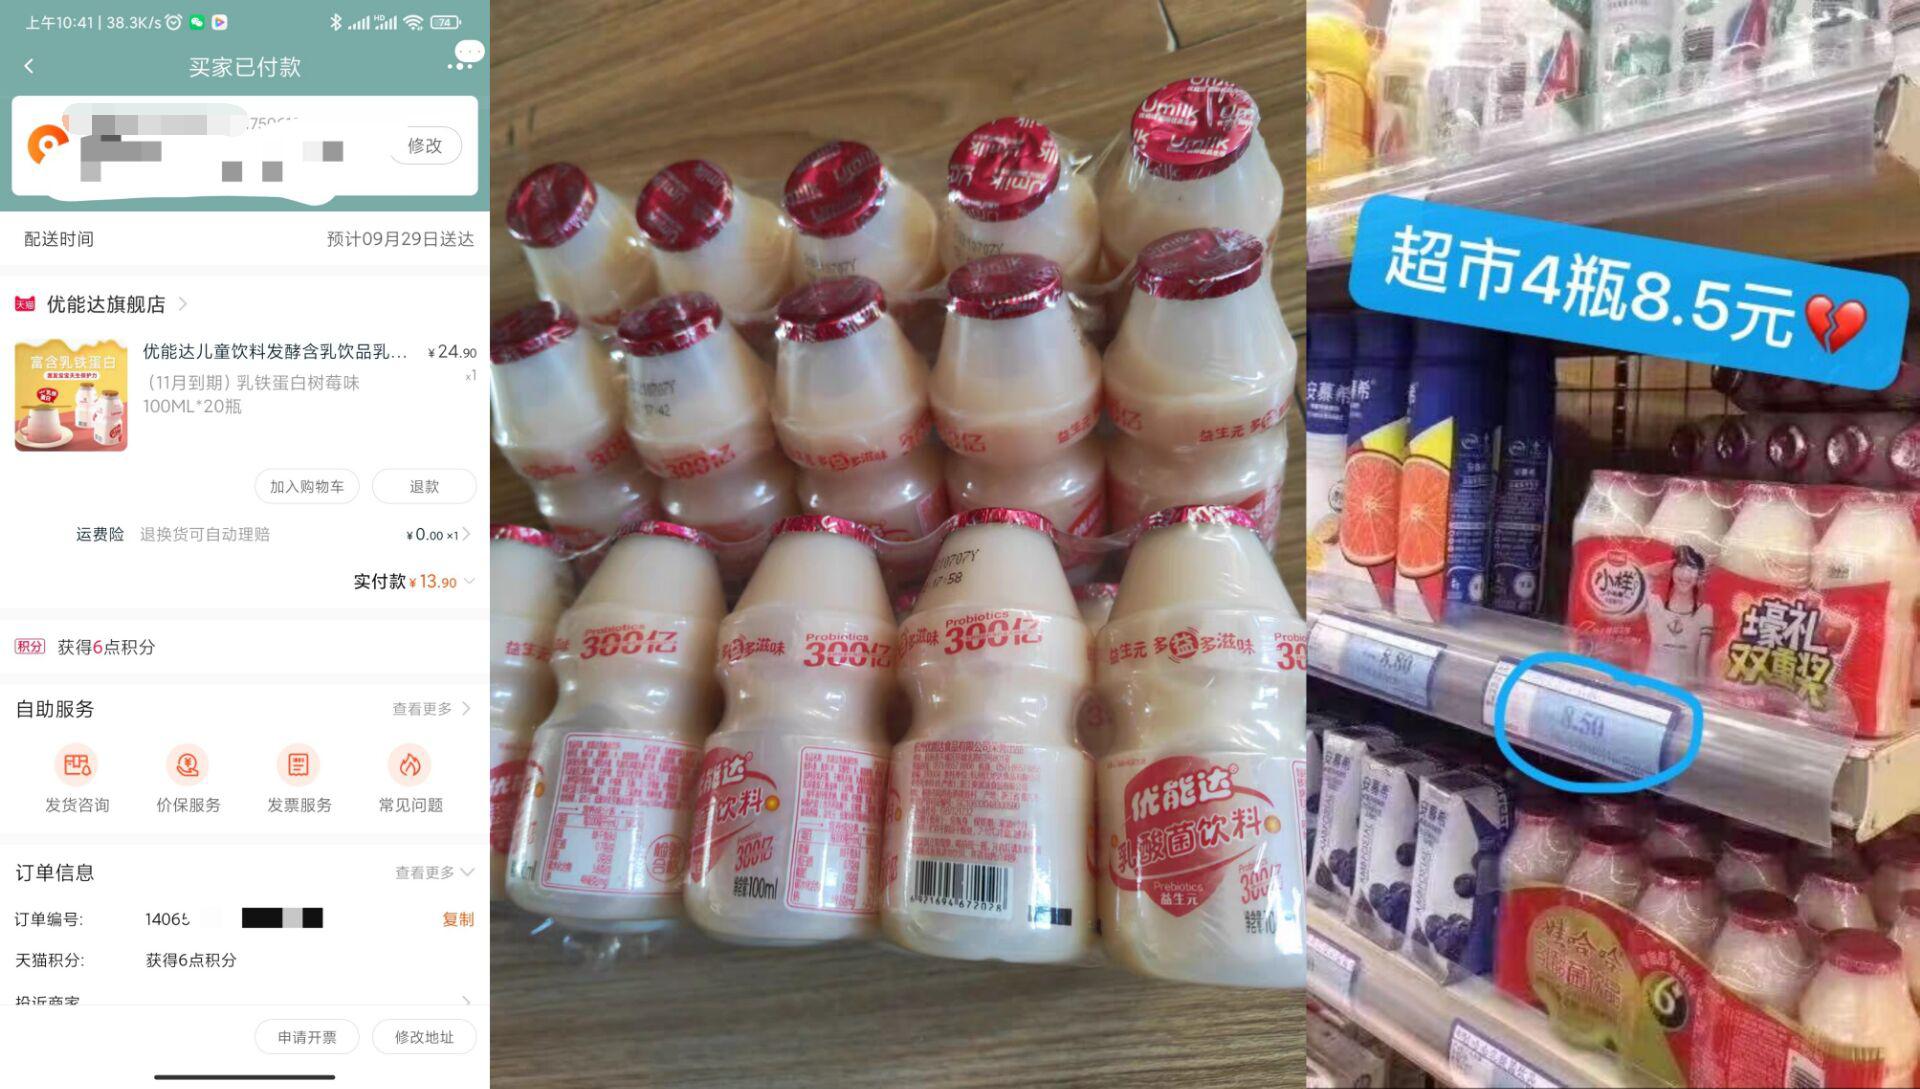 线下卖的贼贵啊!!选自优质奶源口感顺滑!都说很好